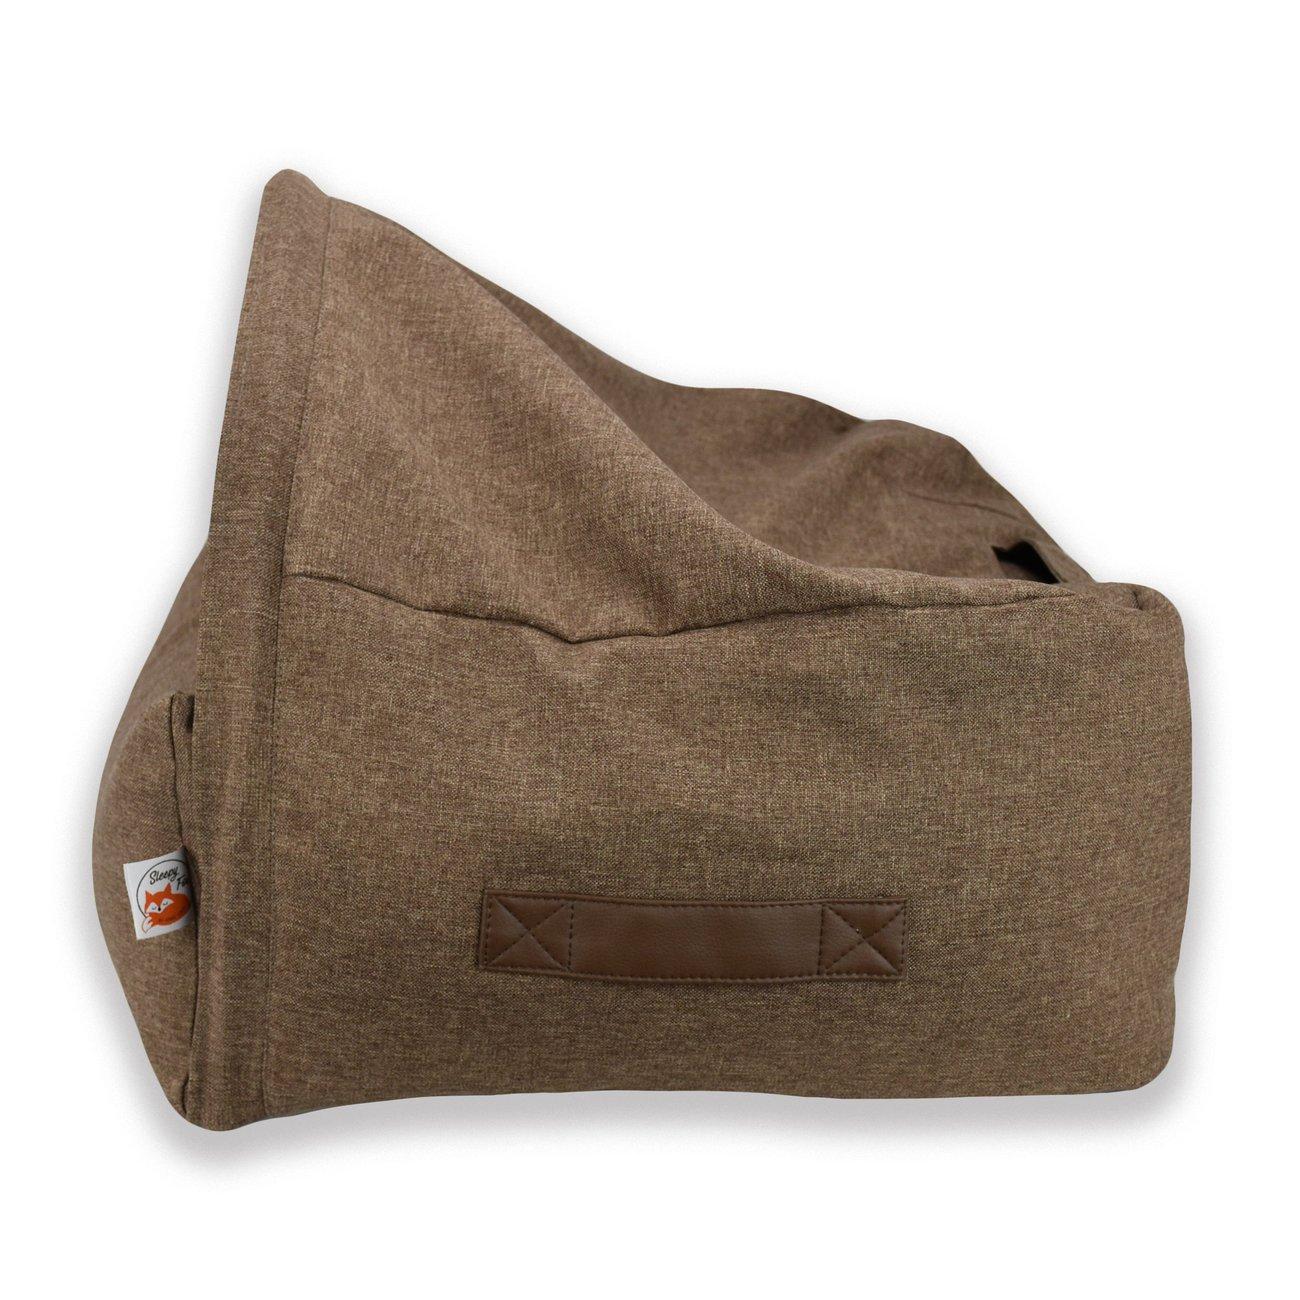 Sleepy Fox® Kuschelhöhlen Hundebett, Bild 12